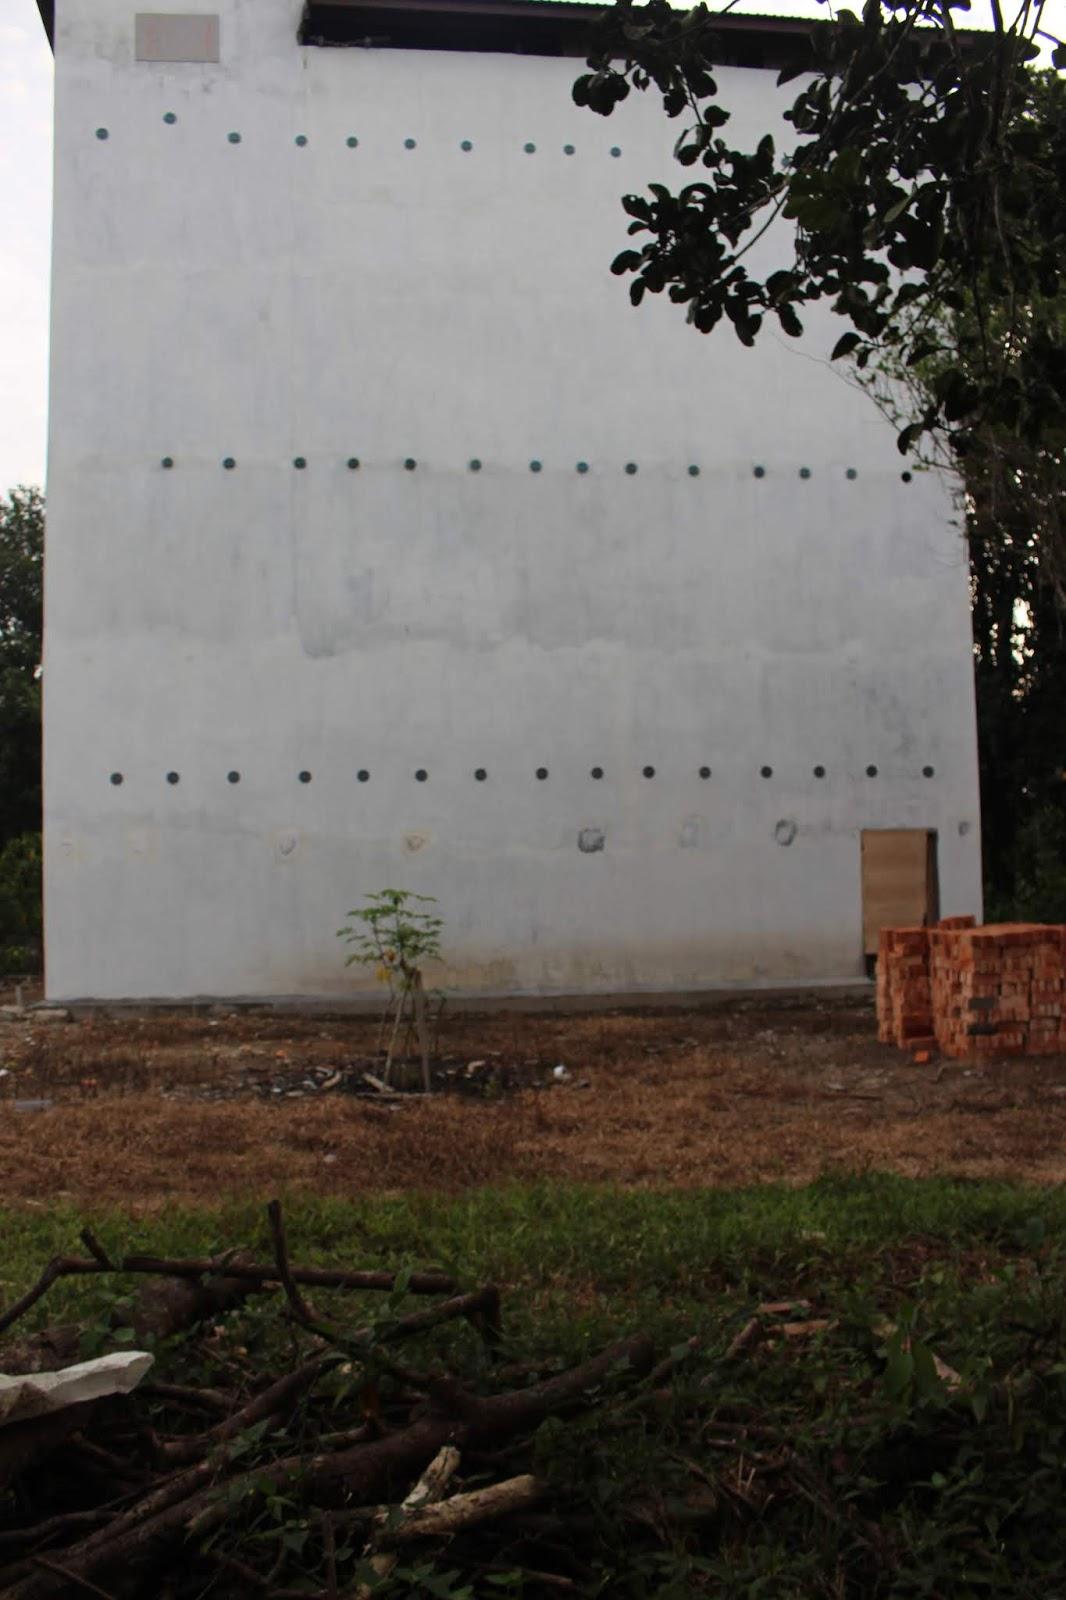 Gedung Walet Paket Hemat : gedung, walet, paket, hemat, Pentingnya, Ventilasi, Udara, Rumah, Burung, Walet, WALET